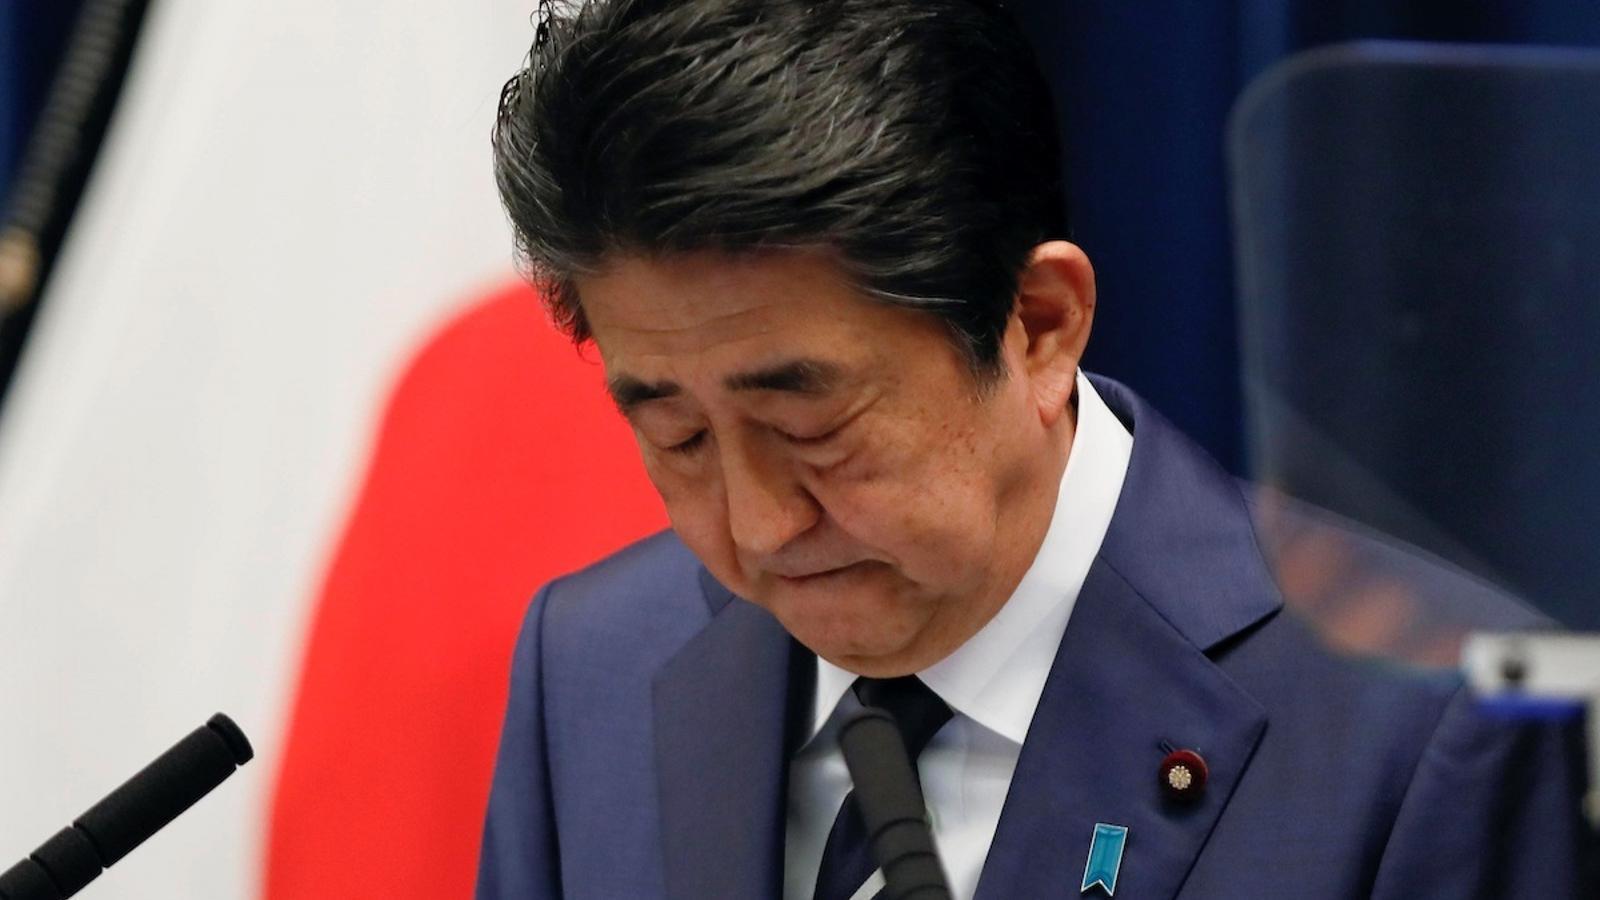 Els Jocs Olímpics es posposen per primer cop i es faran el 2021 a Tòquio